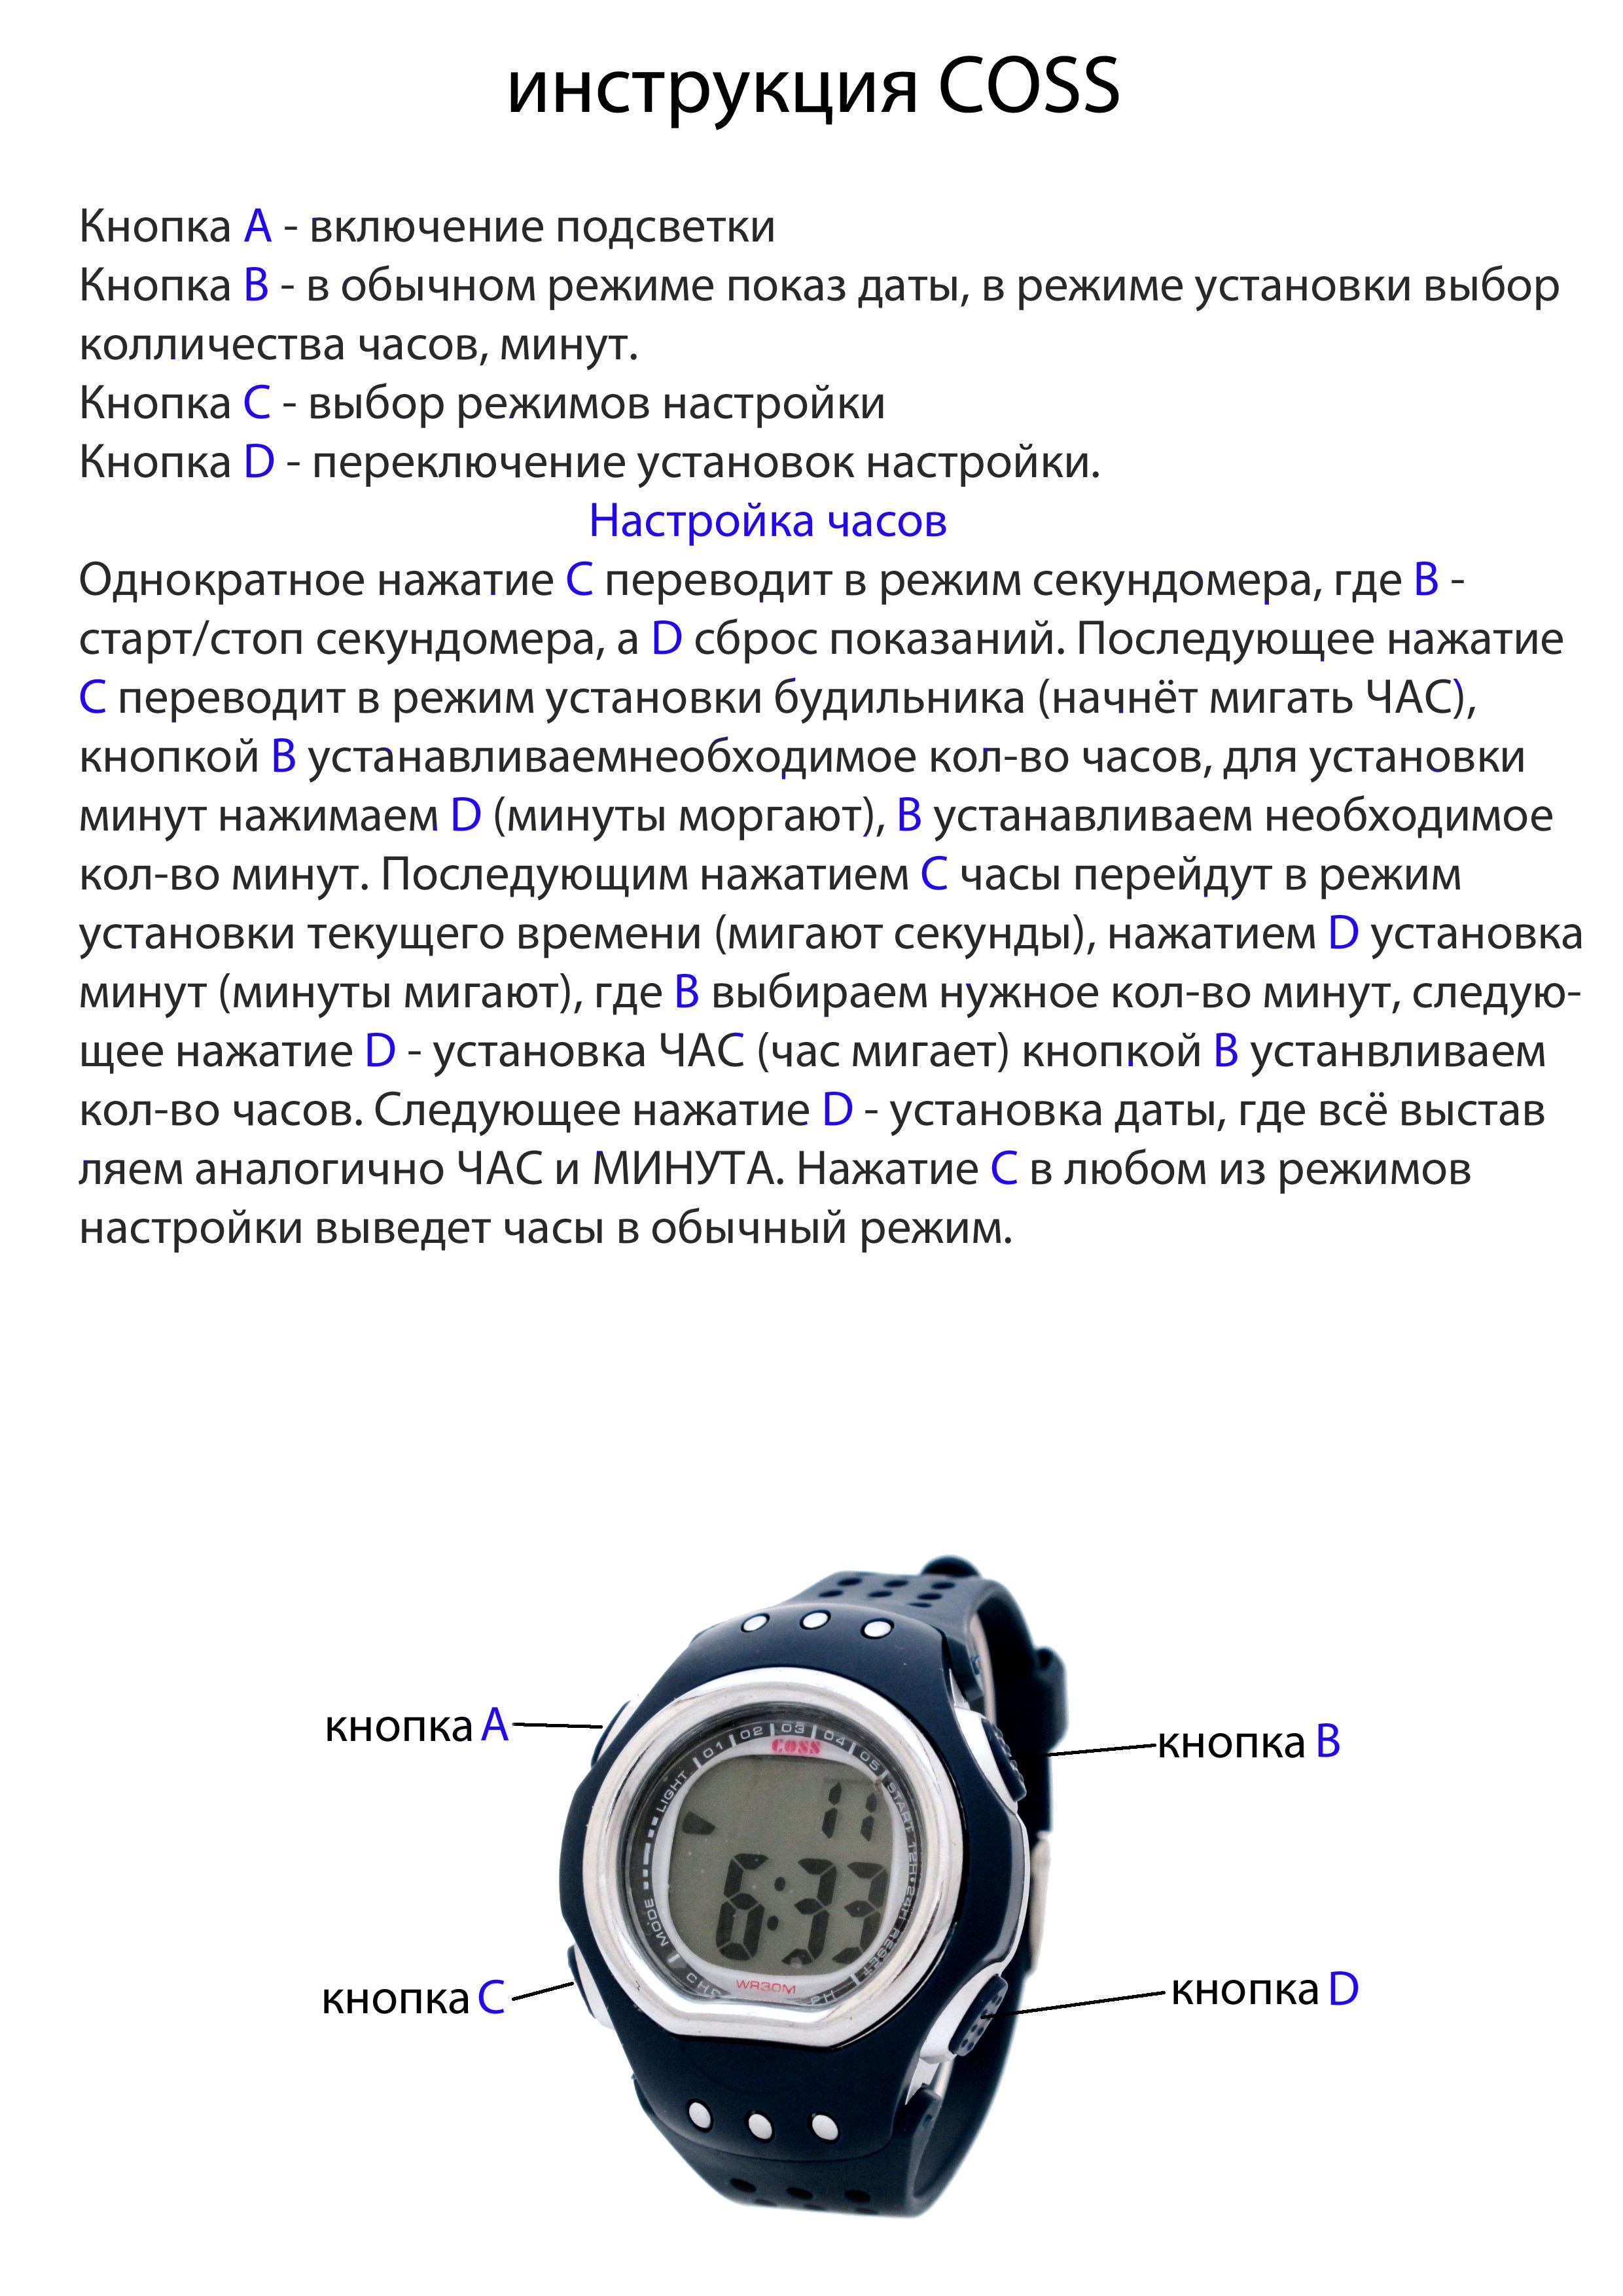 Часы wr30m инструкция на русском